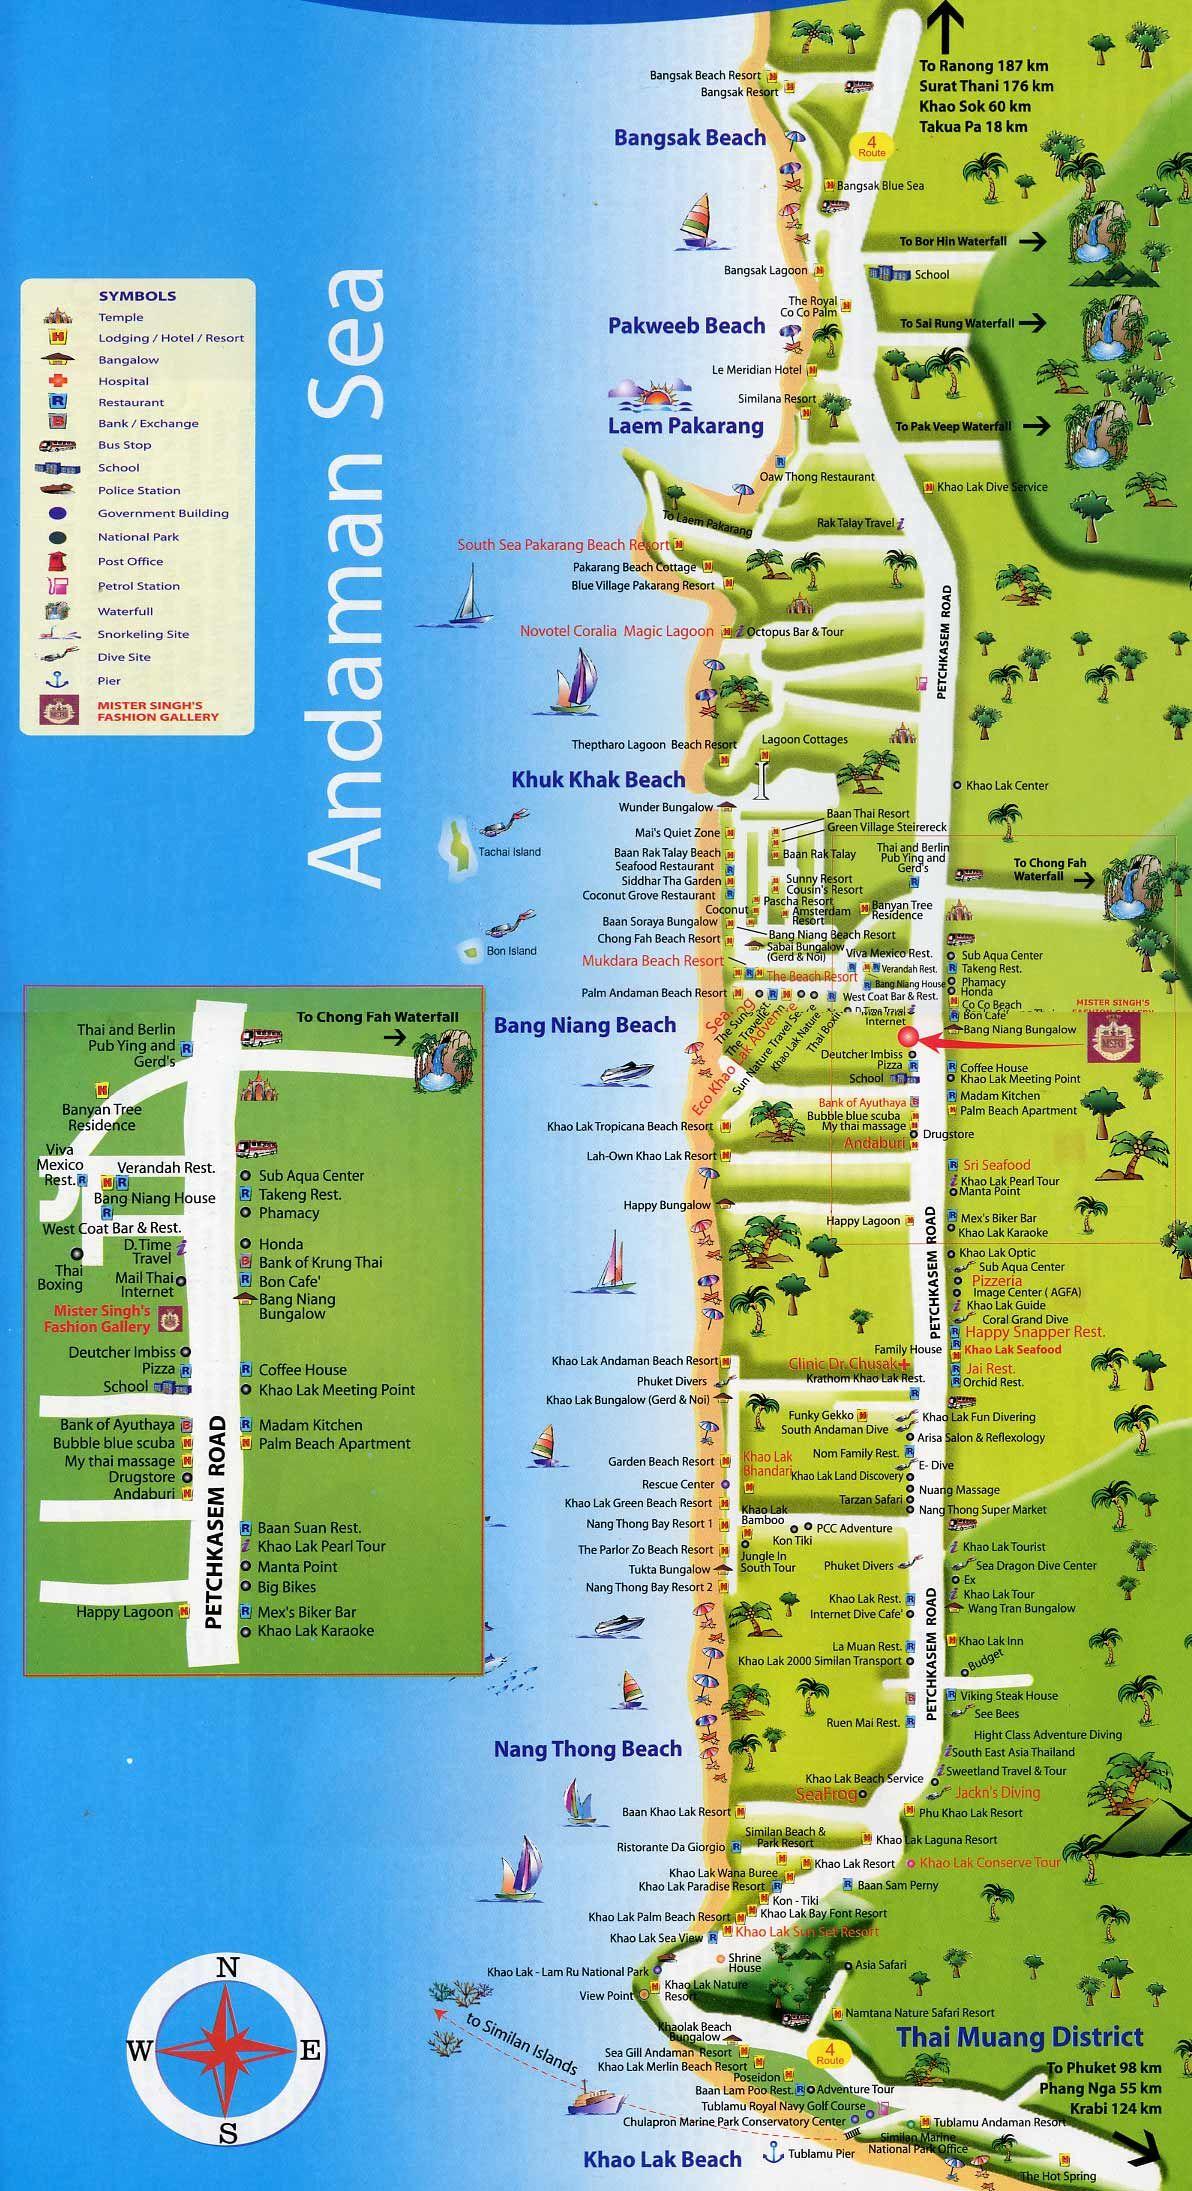 Пляжи Као Лак на карте Thailand urlaub, Thailand reisen